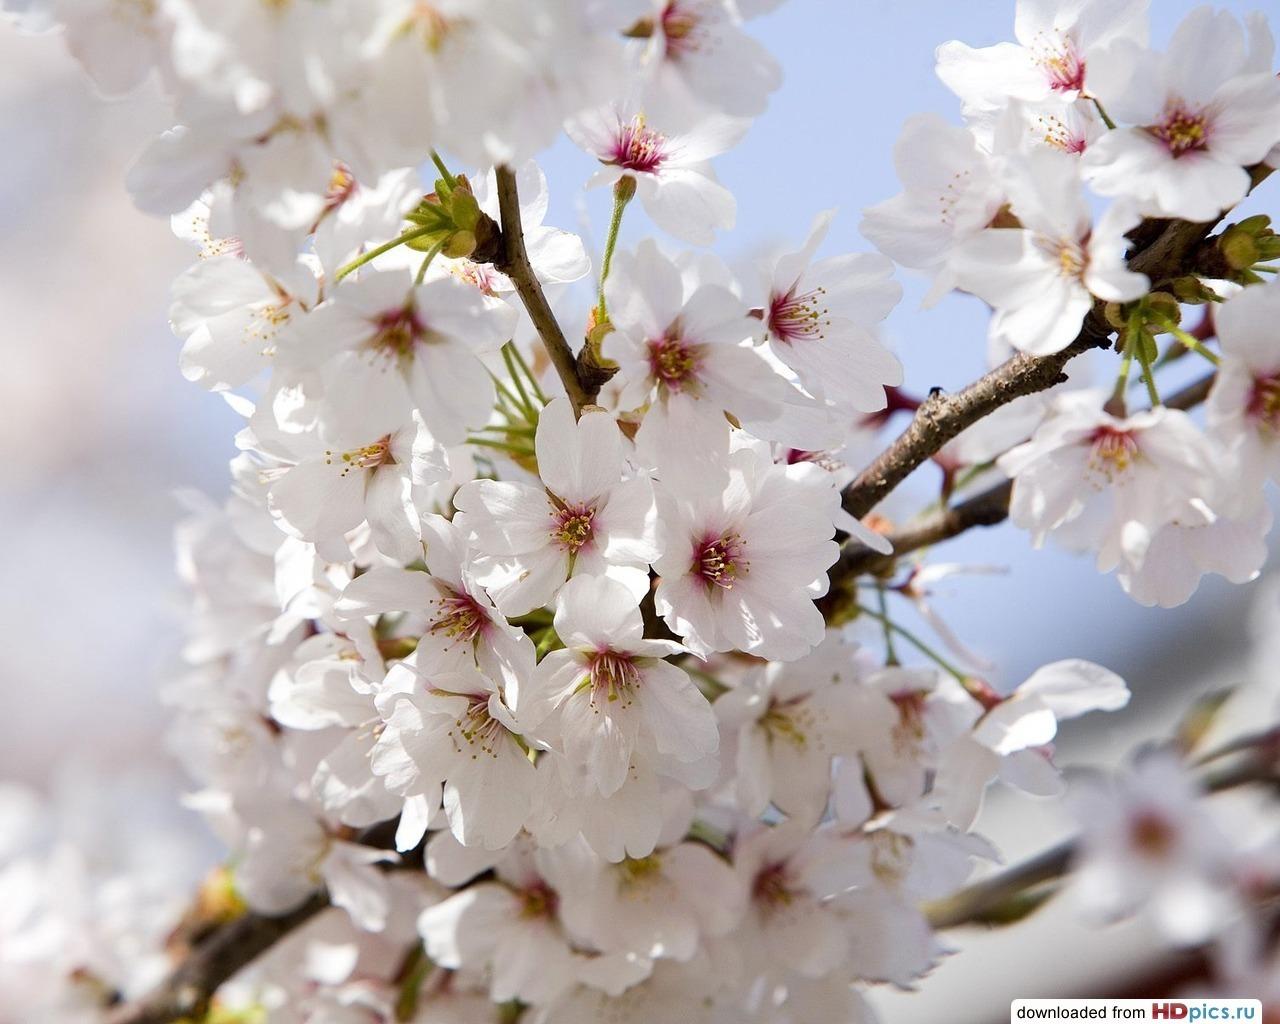 11597 скачать обои Растения, Цветы, Деревья - заставки и картинки бесплатно